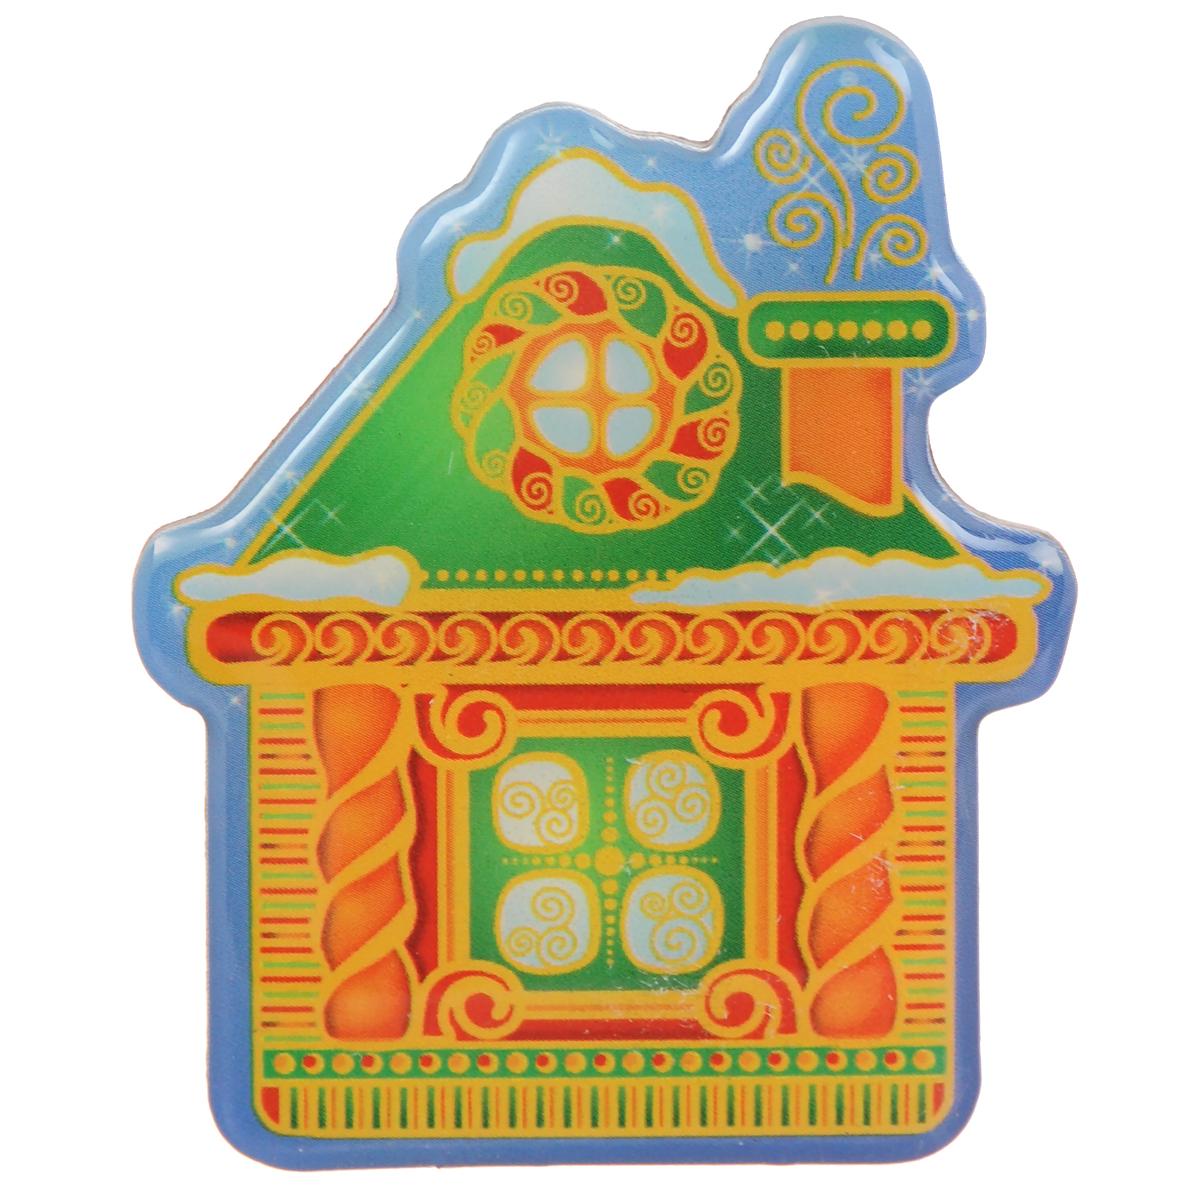 Декоративный магнит Домик, 5,5 см х 6,5 см. 3154031540Декоративный магнит Домик изготовлен из агломерированного феррита. Изделие выполнено в виде домика. Коллекция декоративных украшений из серии Magic Time принесет в ваш дом ни с чем несравнимое ощущение волшебства!Материал: агломерированный феррит.